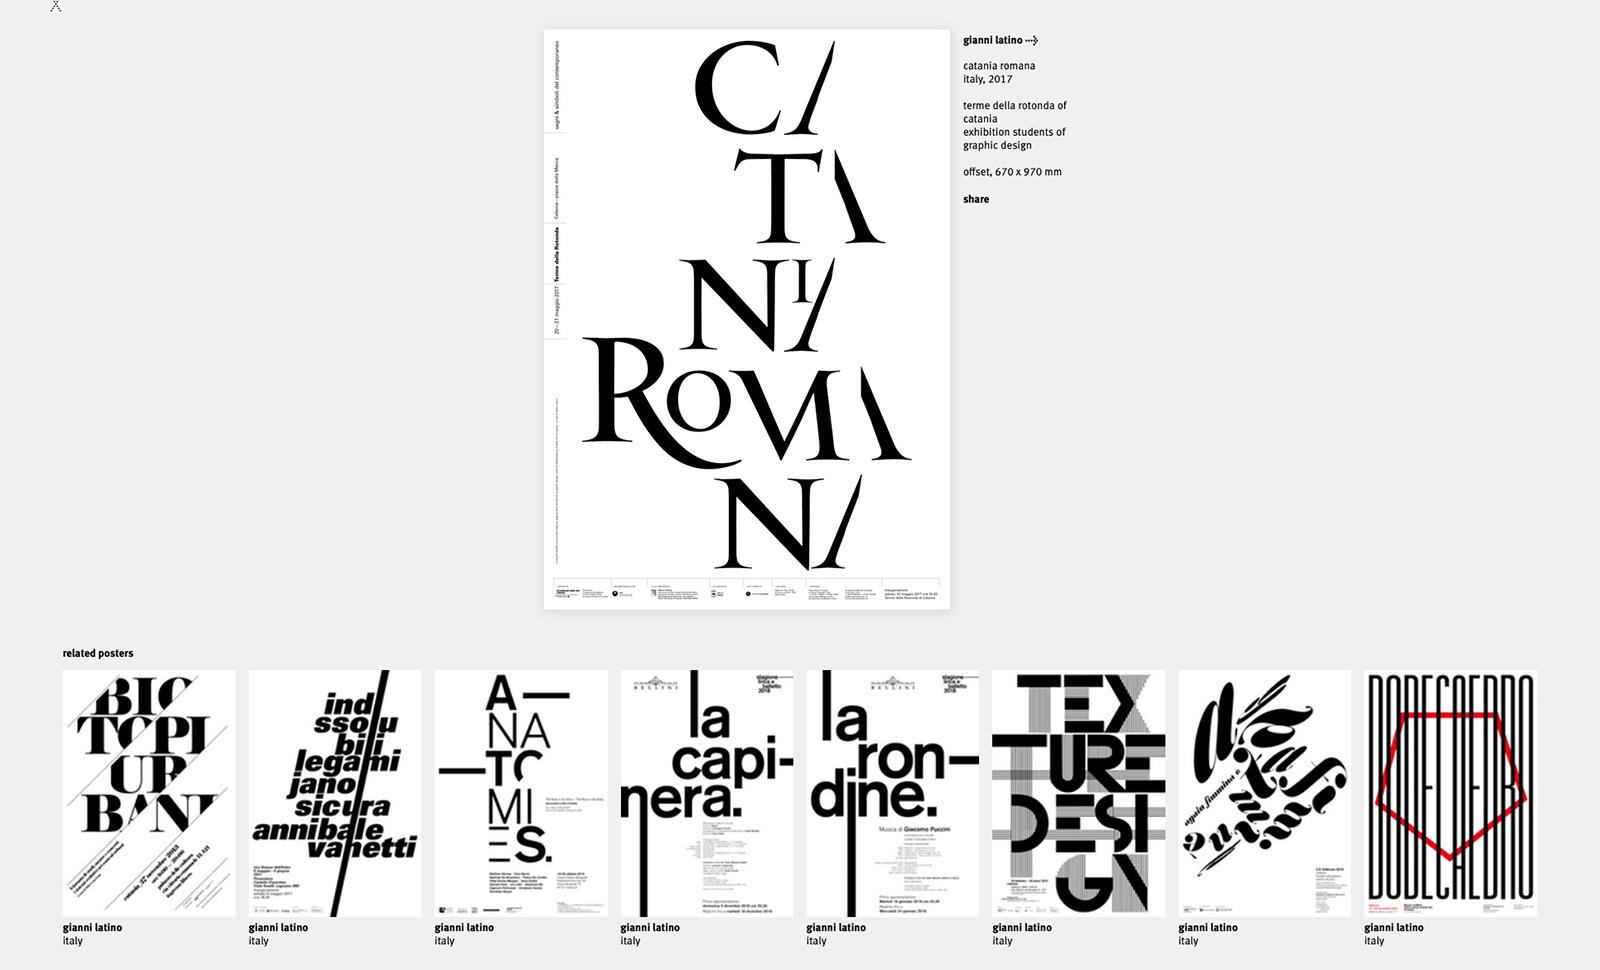 Pagina personale dedicata al designer Gianni Latino e ai poster presenti sulla piattaforma, 2019